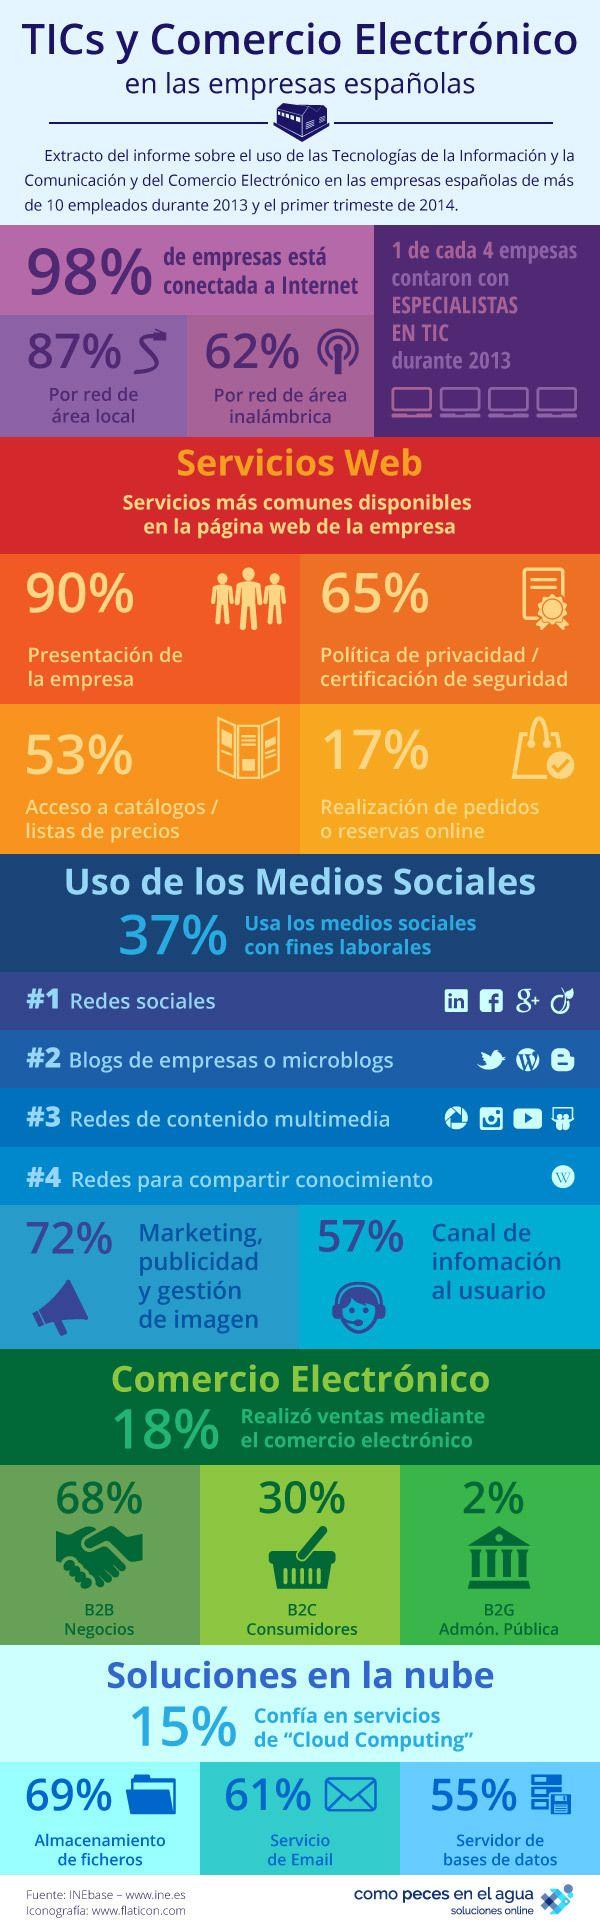 TIC's y comercio electrónico en las empresas españolas #infografia #infographic #ecommerce